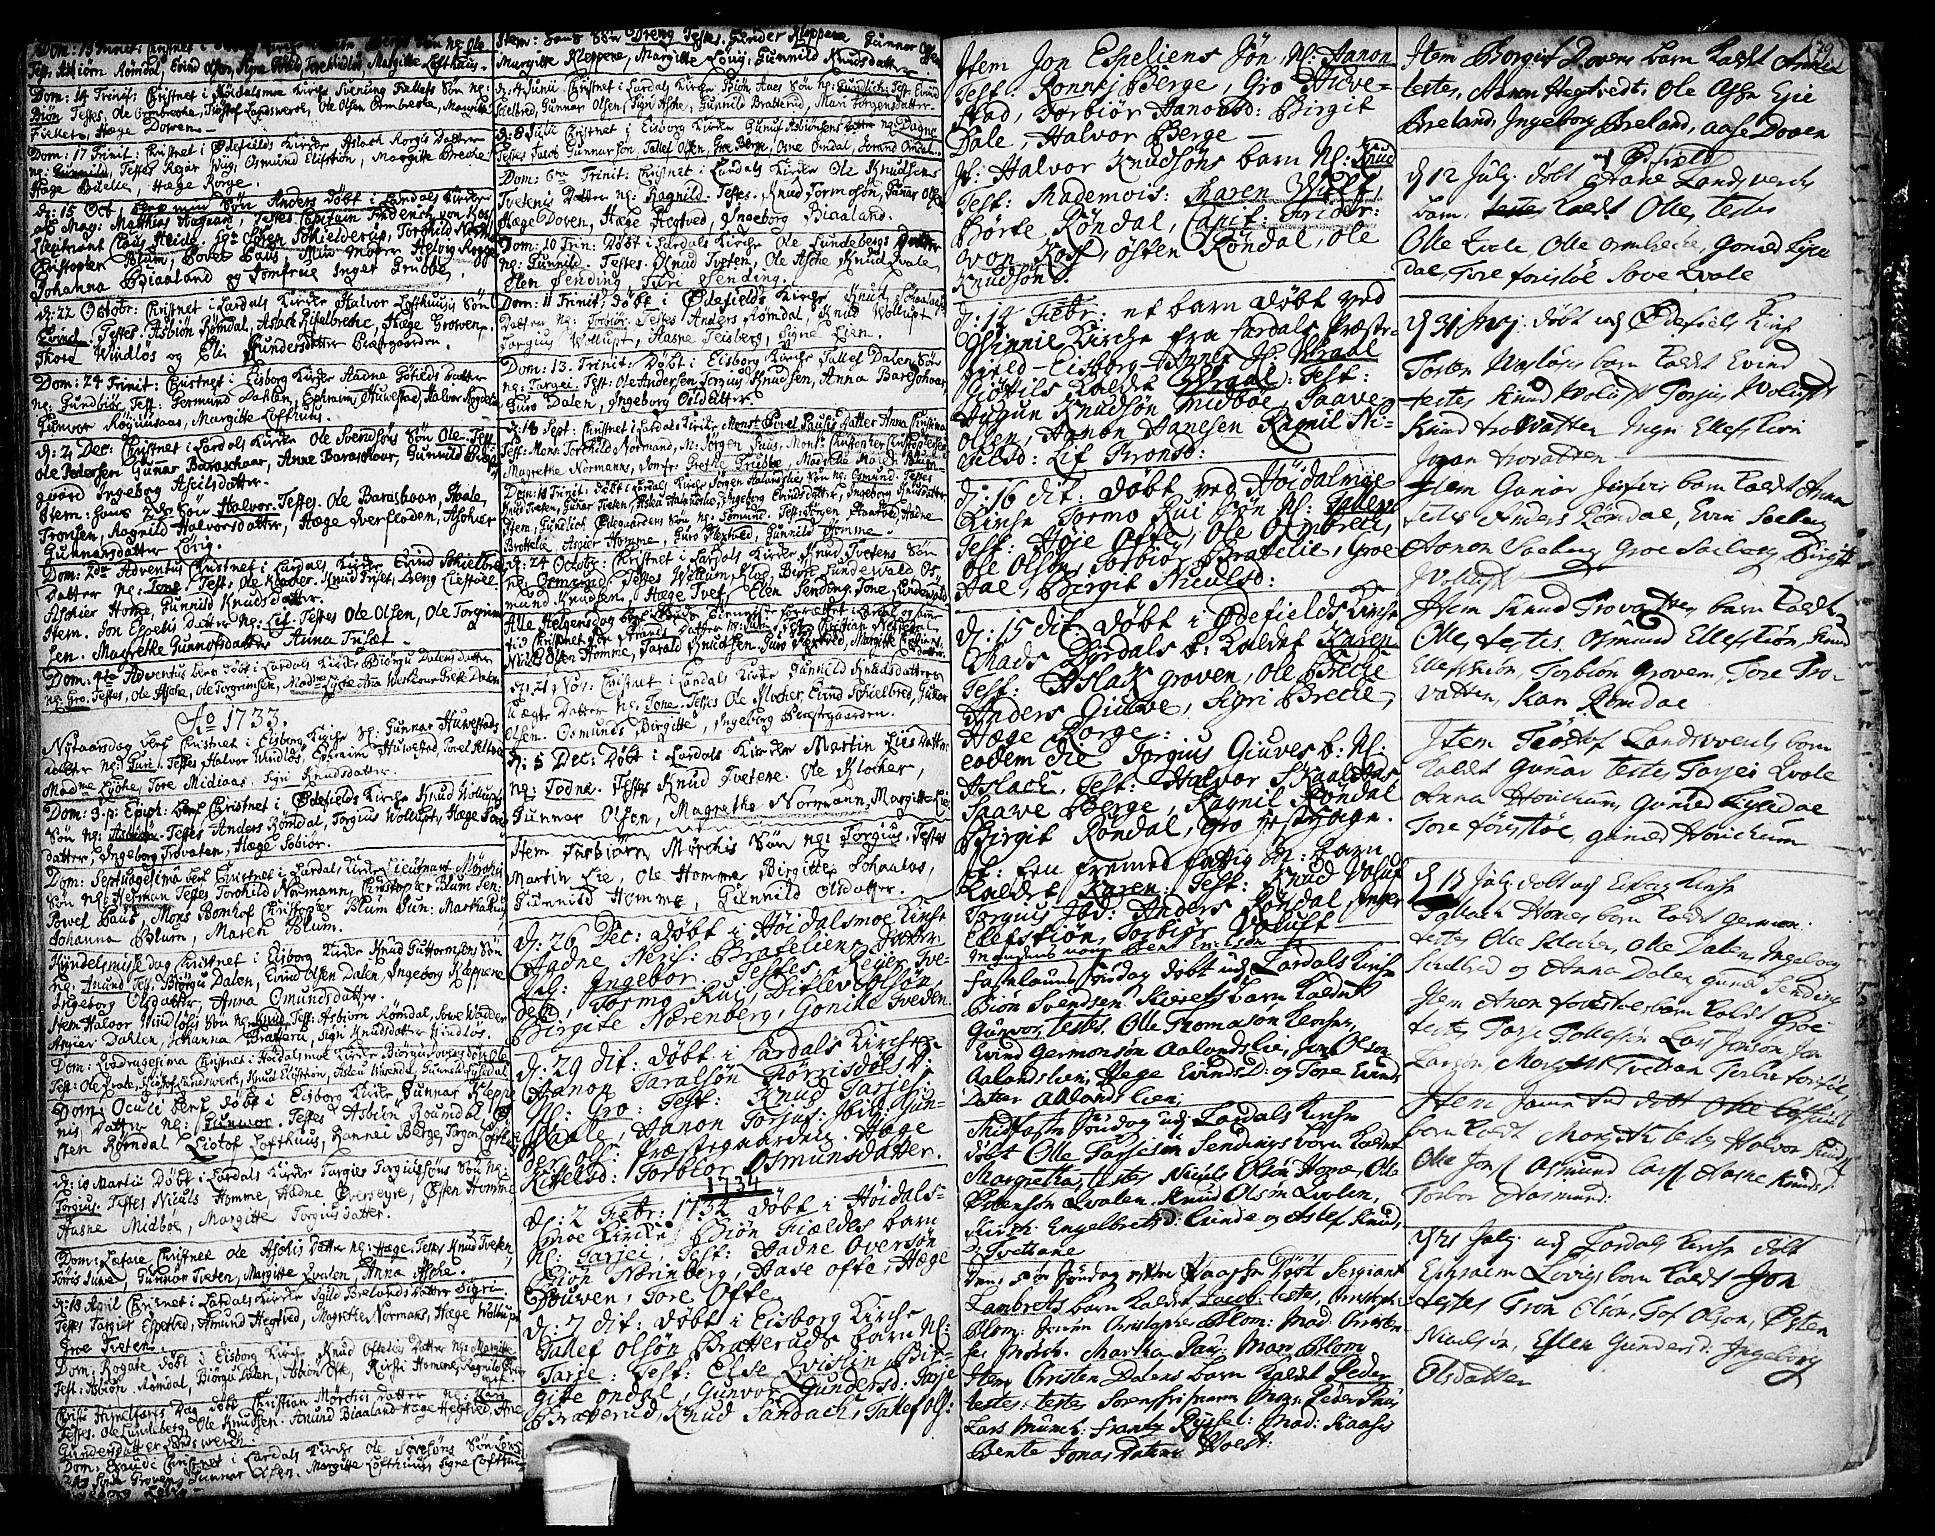 SAKO, Lårdal kirkebøker, F/Fa/L0001: Ministerialbok nr. I 1, 1721-1734, s. 79